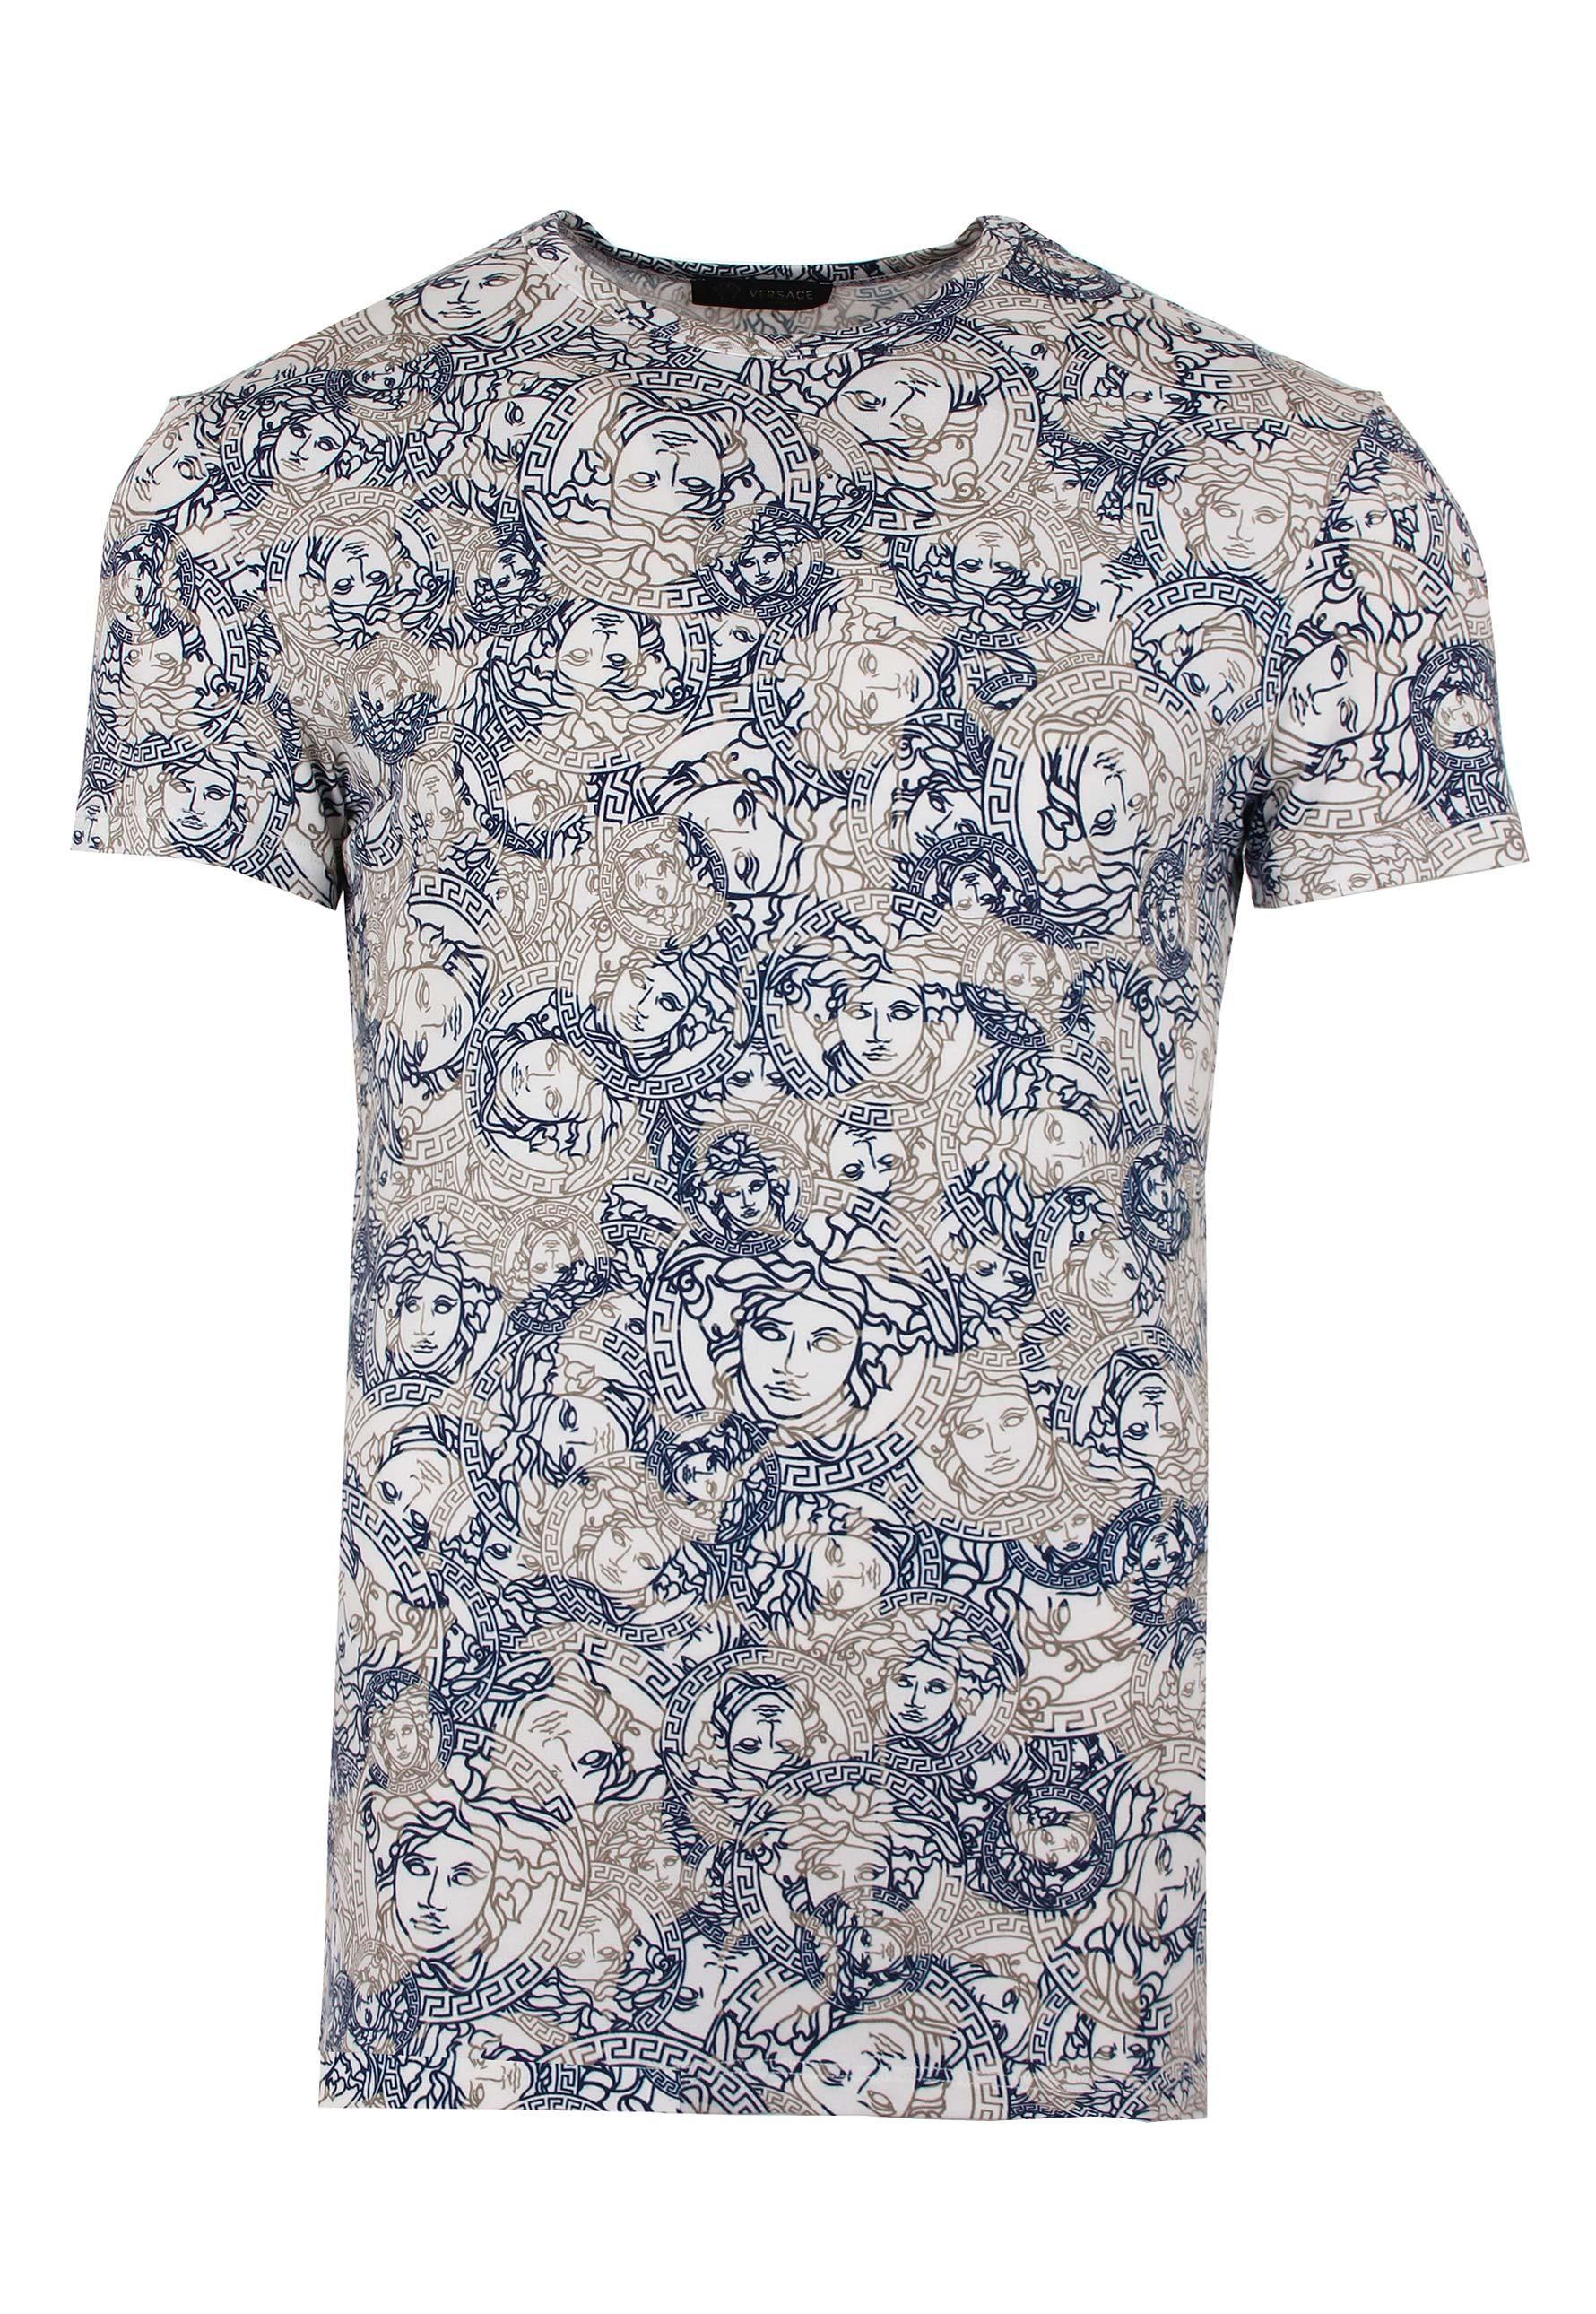 973cfaa2 Versace Multi Medusa Overlap T-shirt White/print in White for Men - Lyst